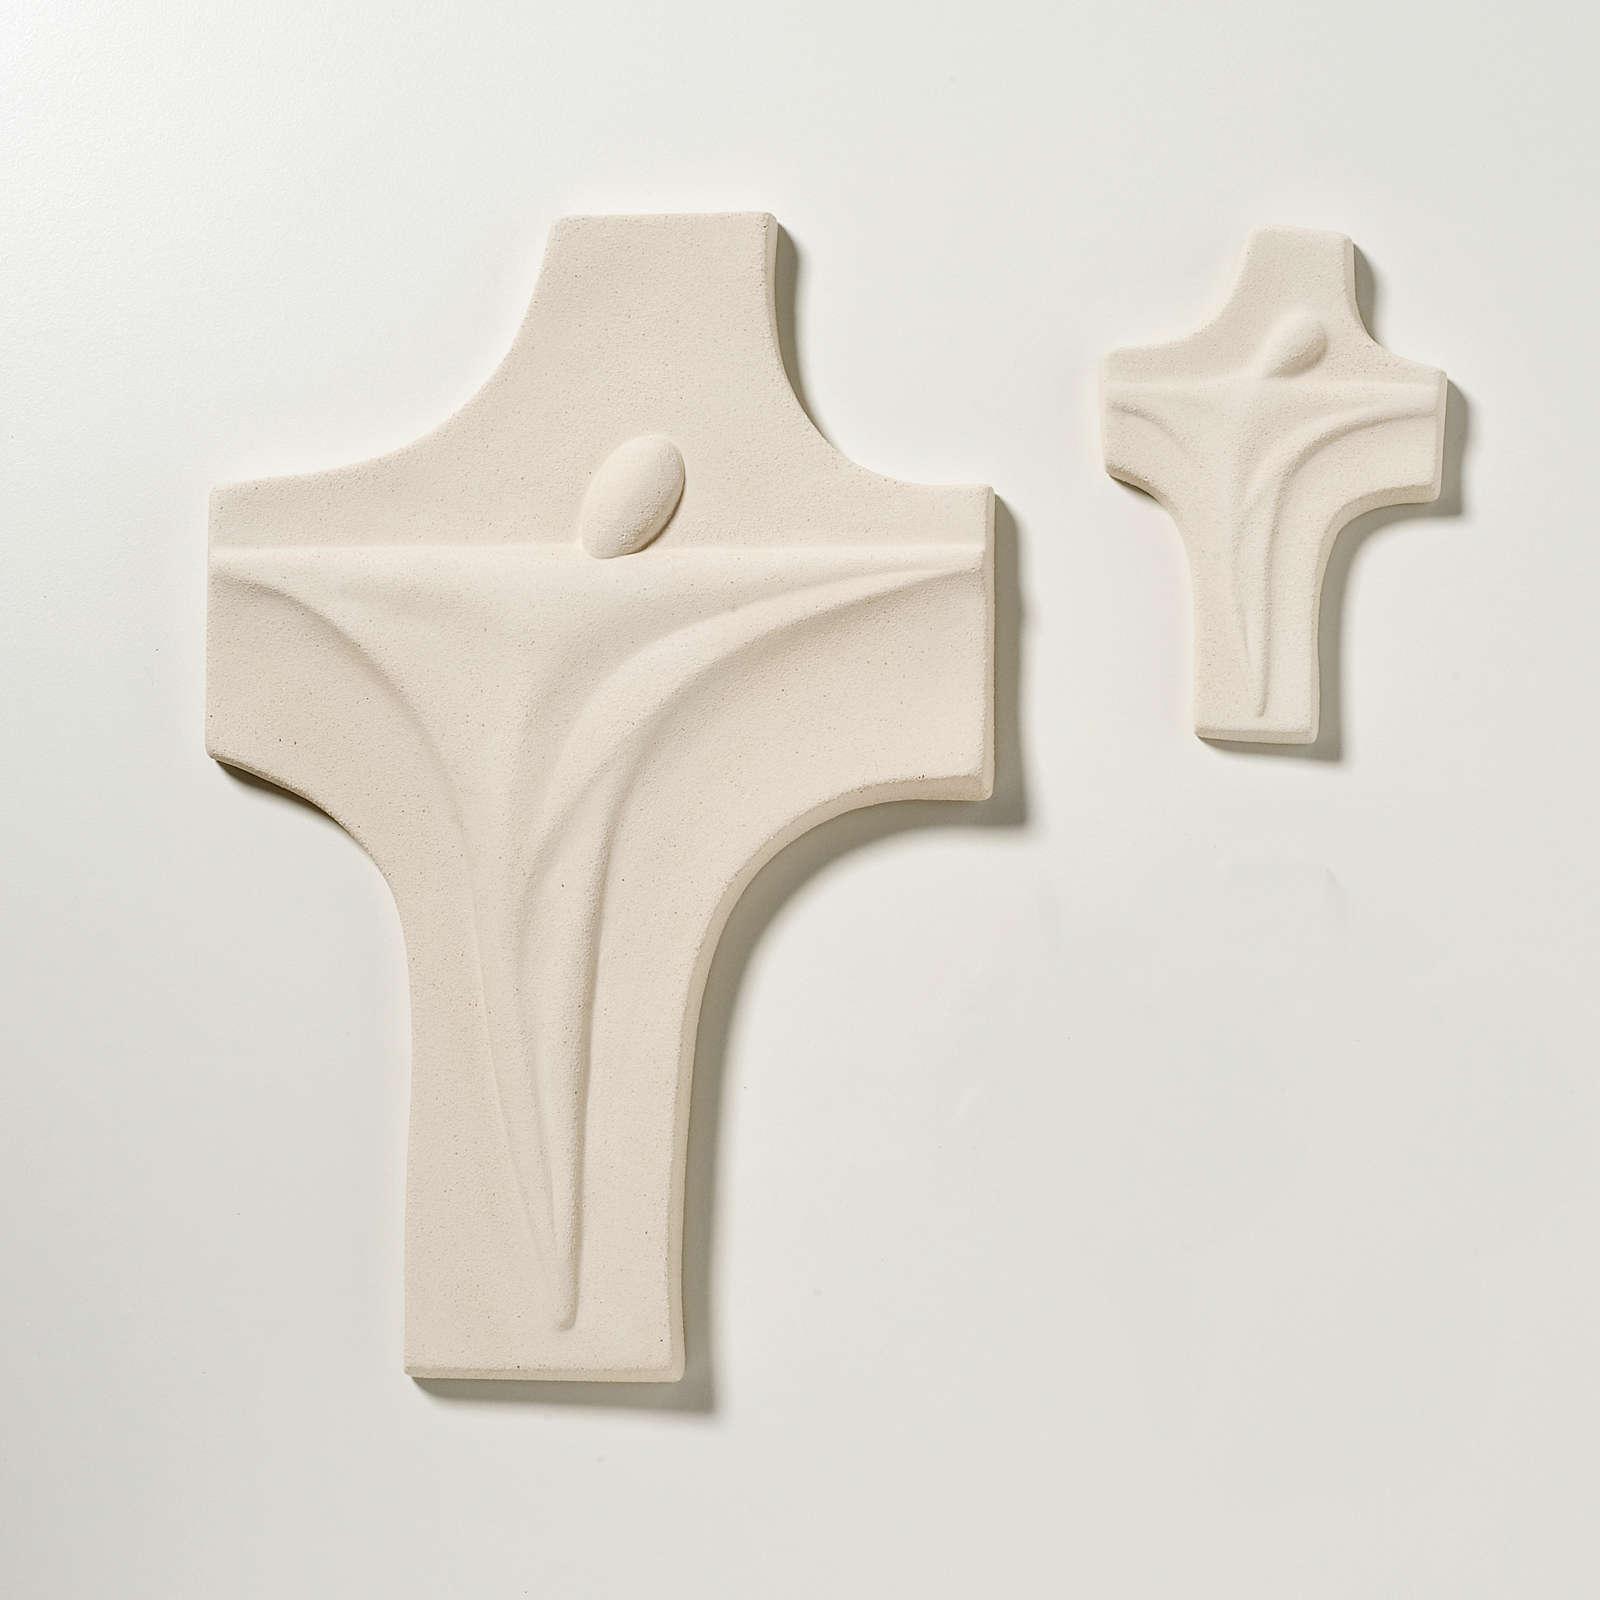 Jesucristo resucitado estilizado arcilla blanca. 4